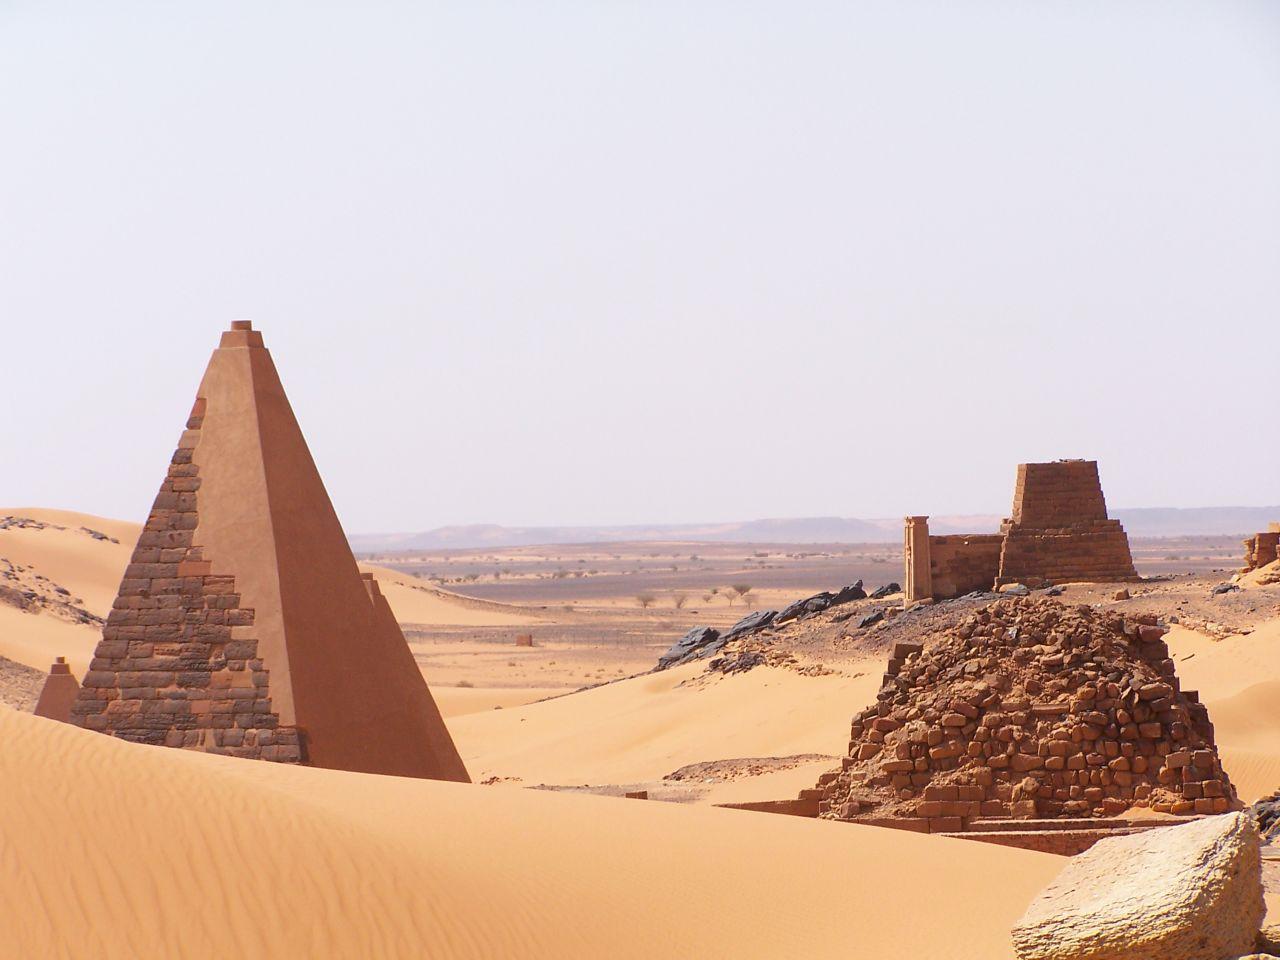 ЮНЕСКО: пірамідам Мерое загрожує небезпека